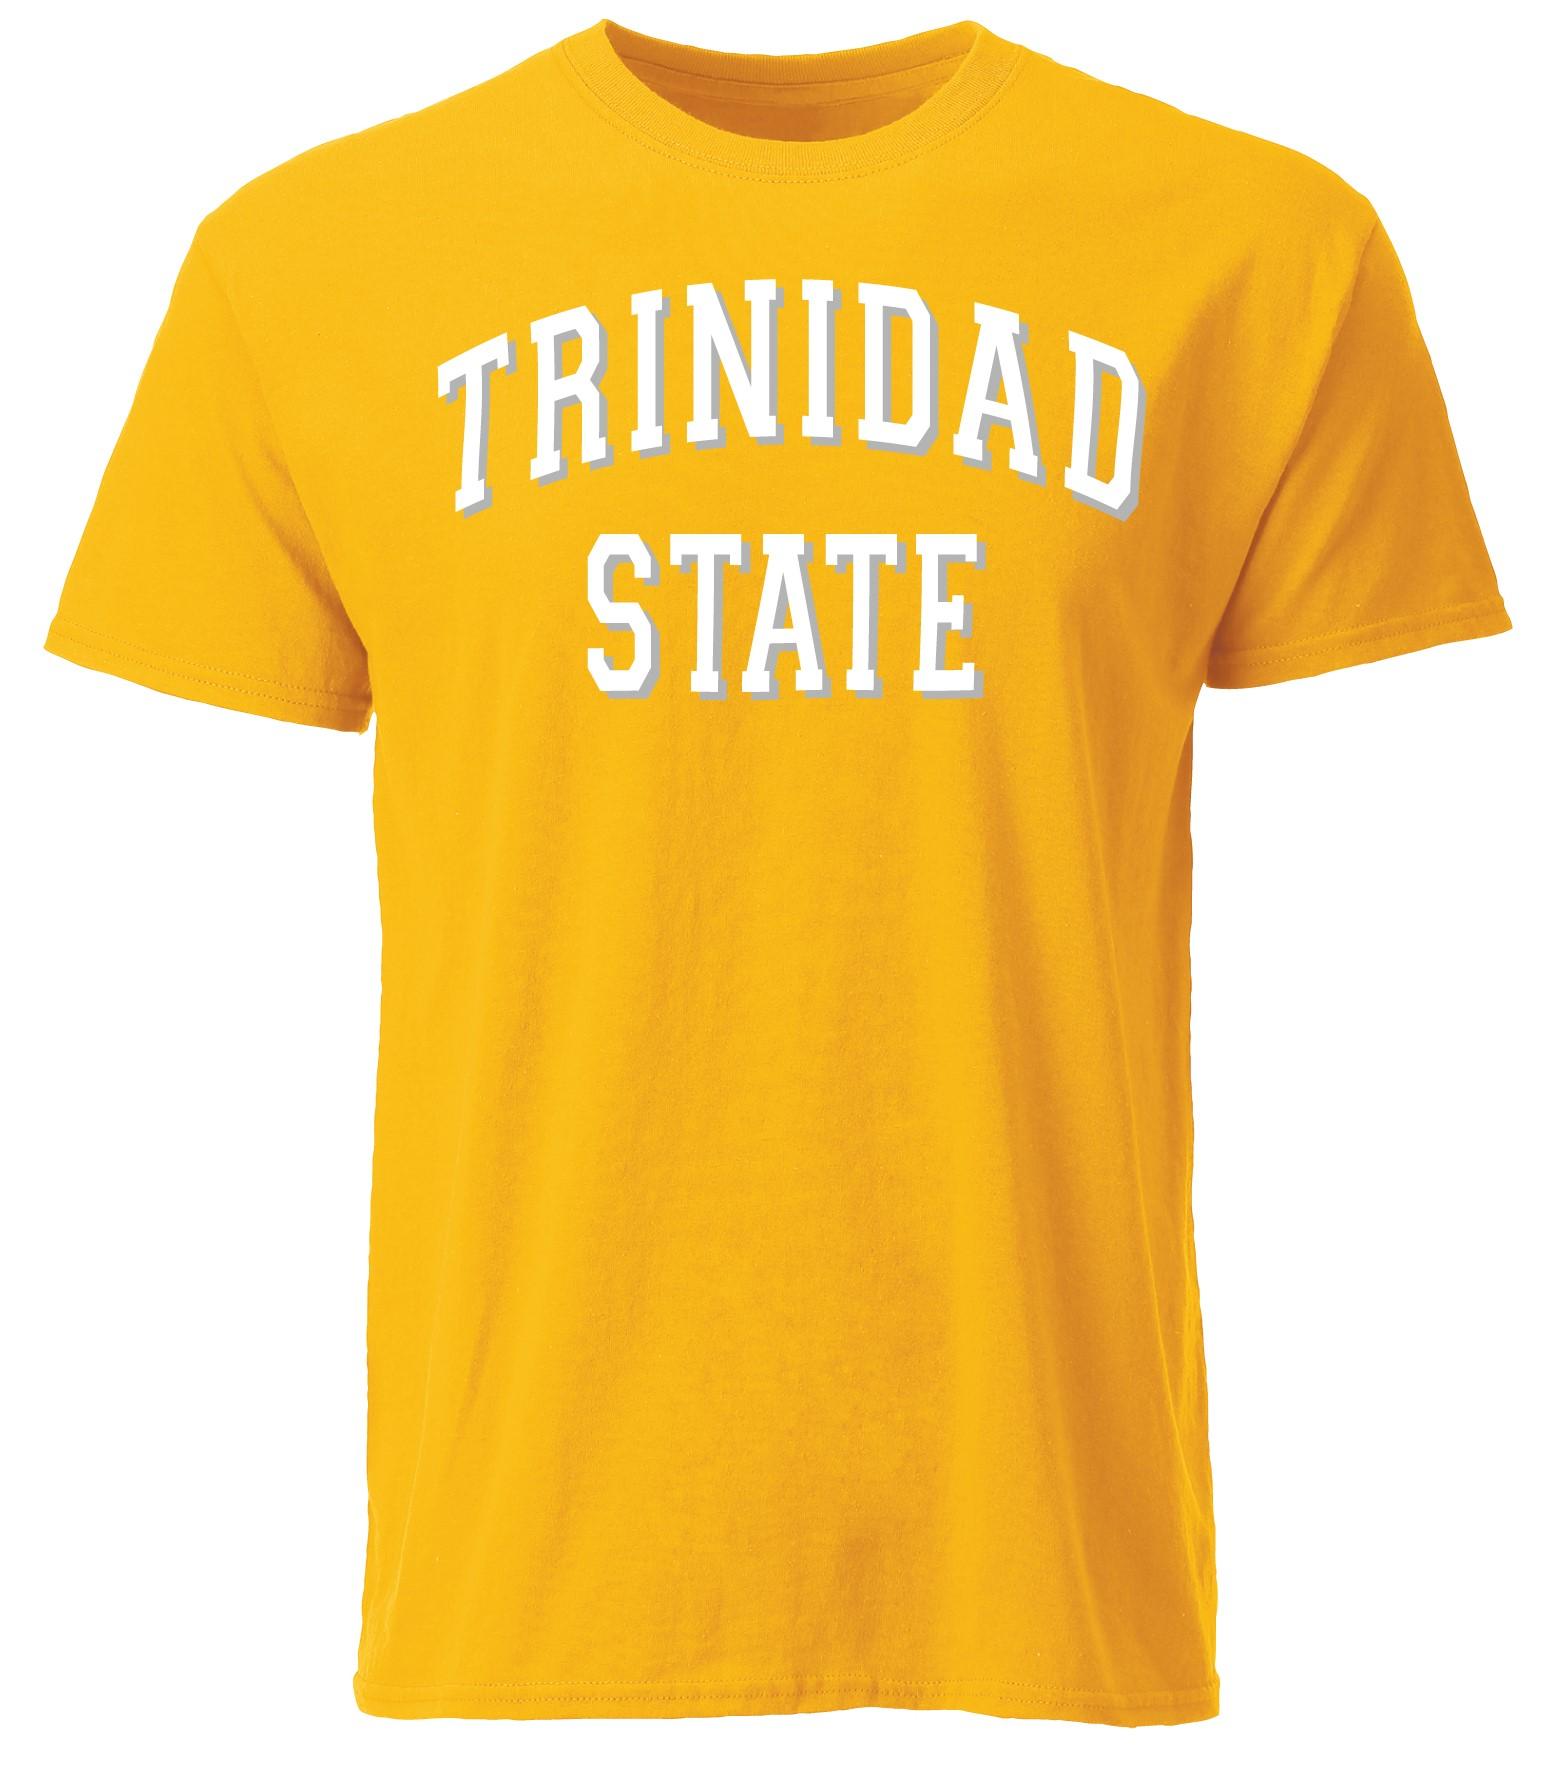 Trinidad State T-shirt